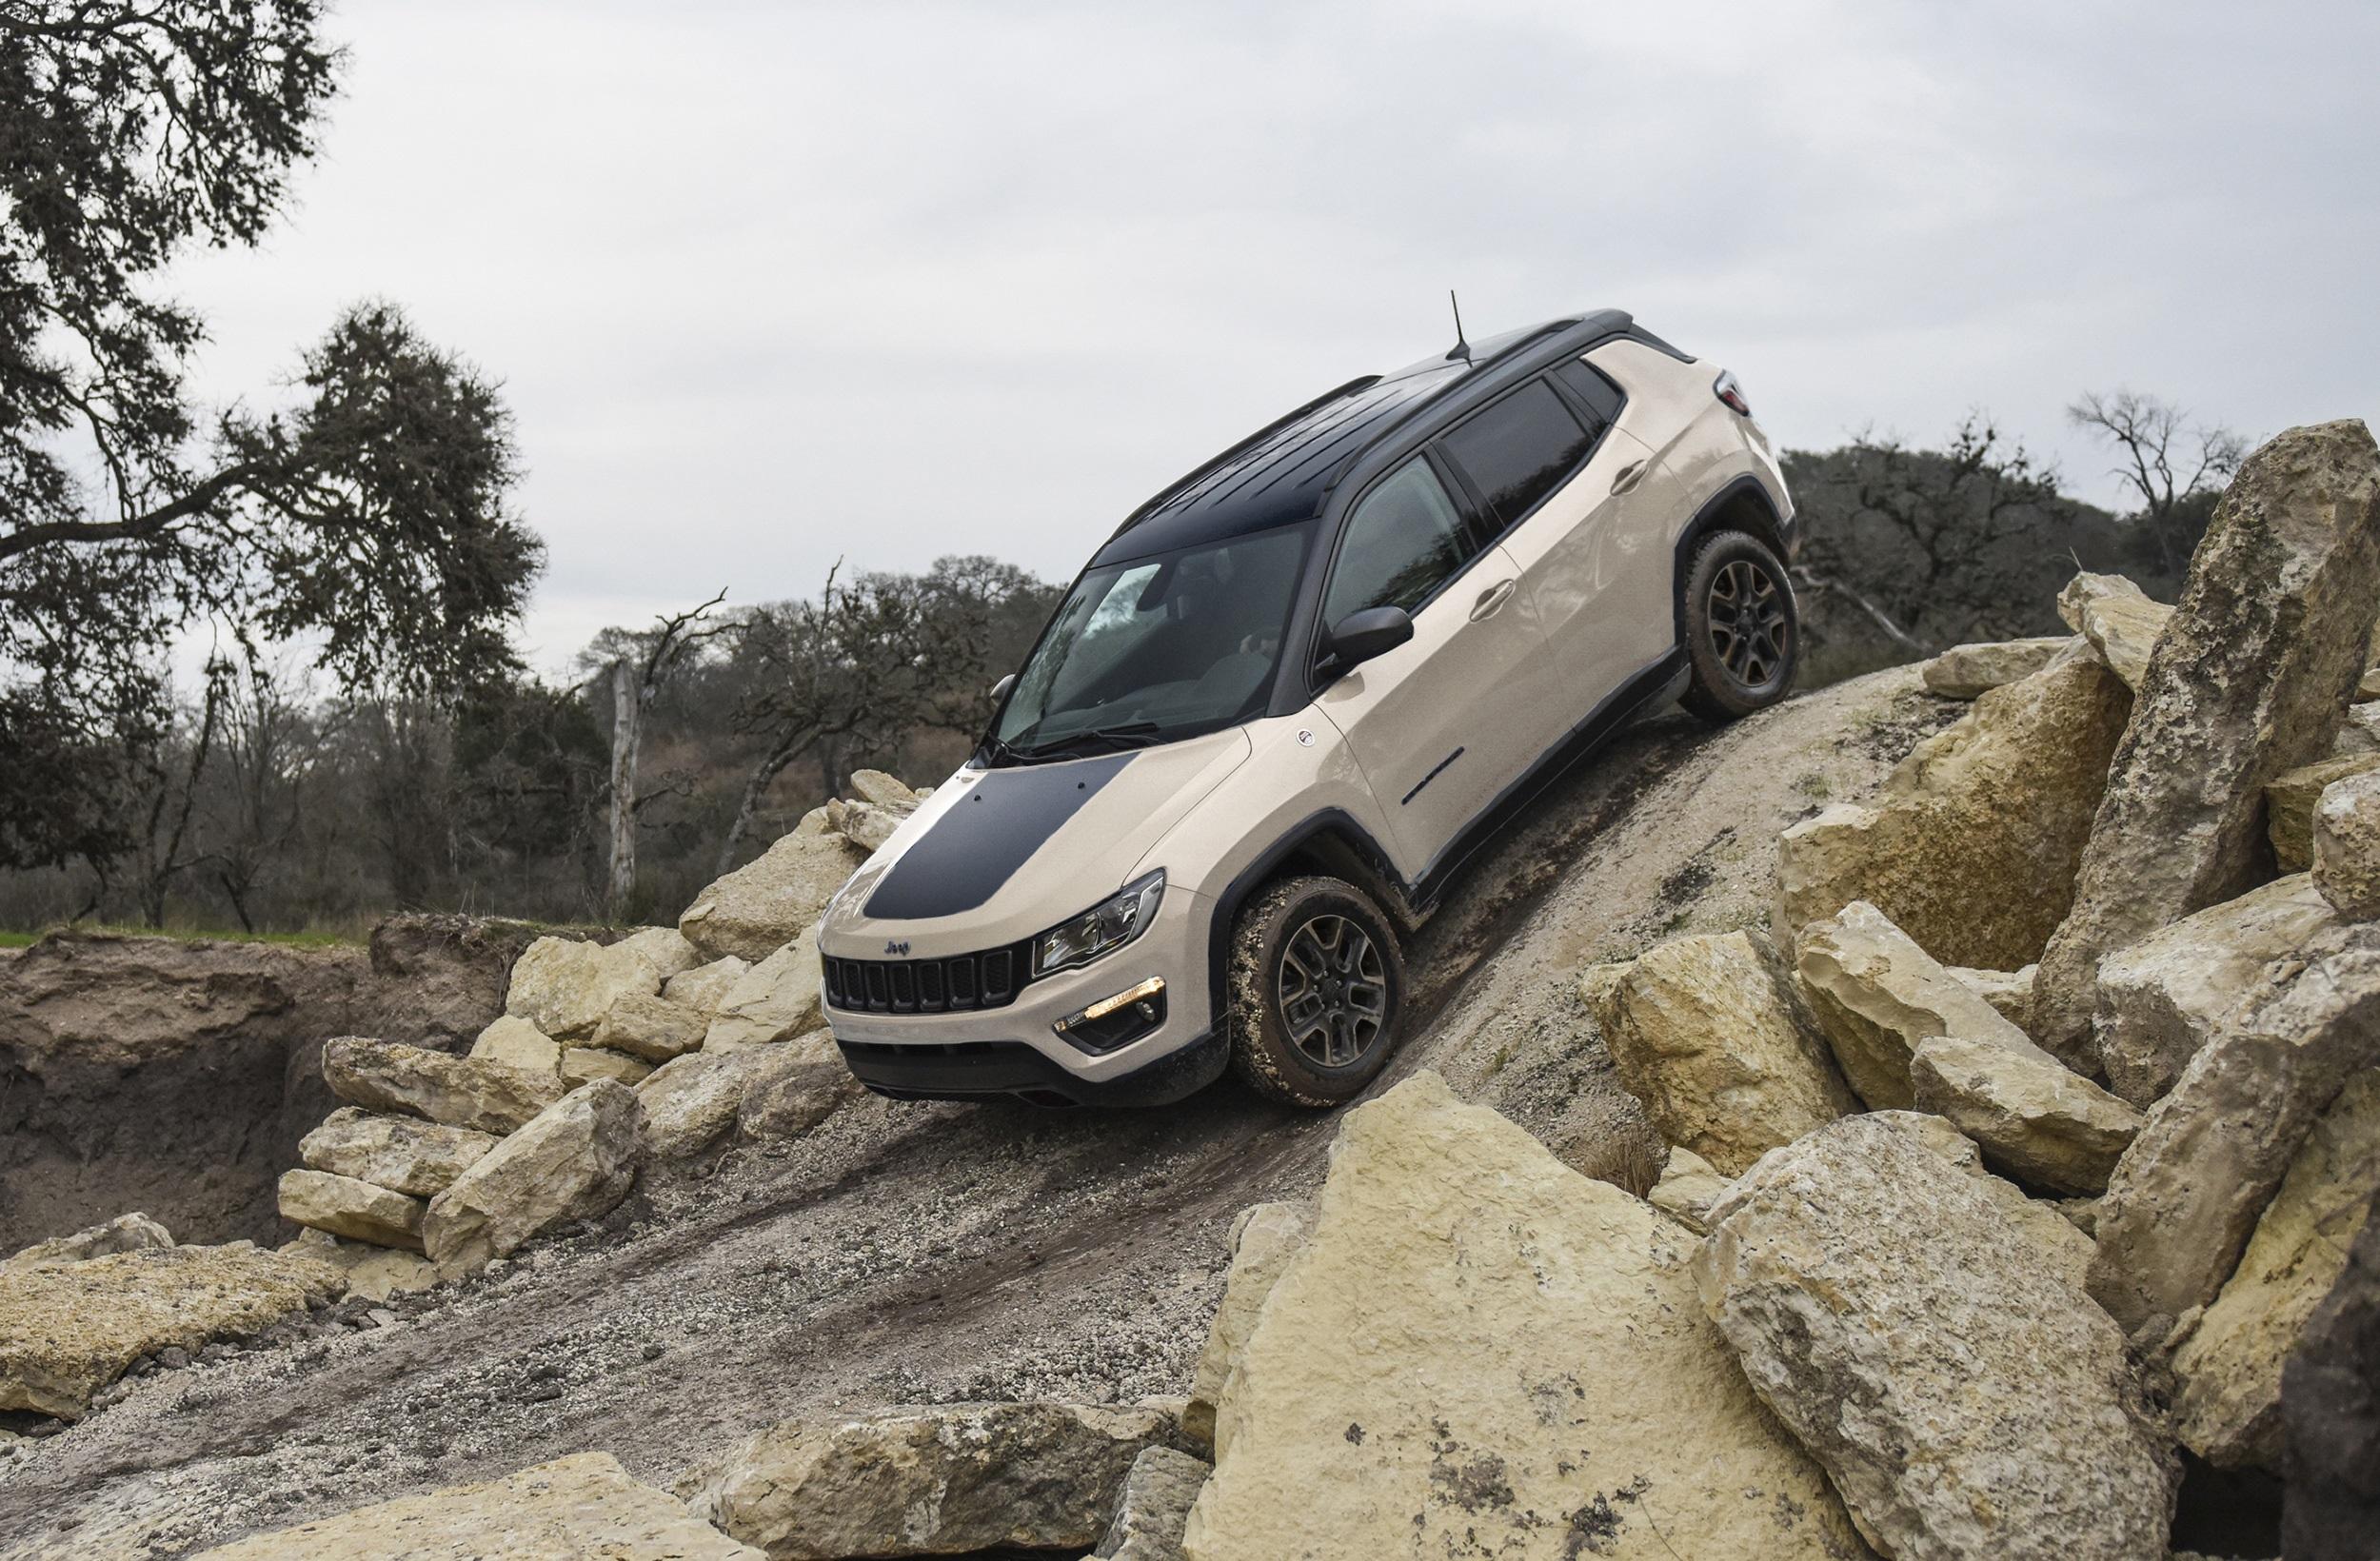 過酷なトレイルもラクに走破するコンパクトSUV「Jeep Compass」の限定車『Trailhawk』